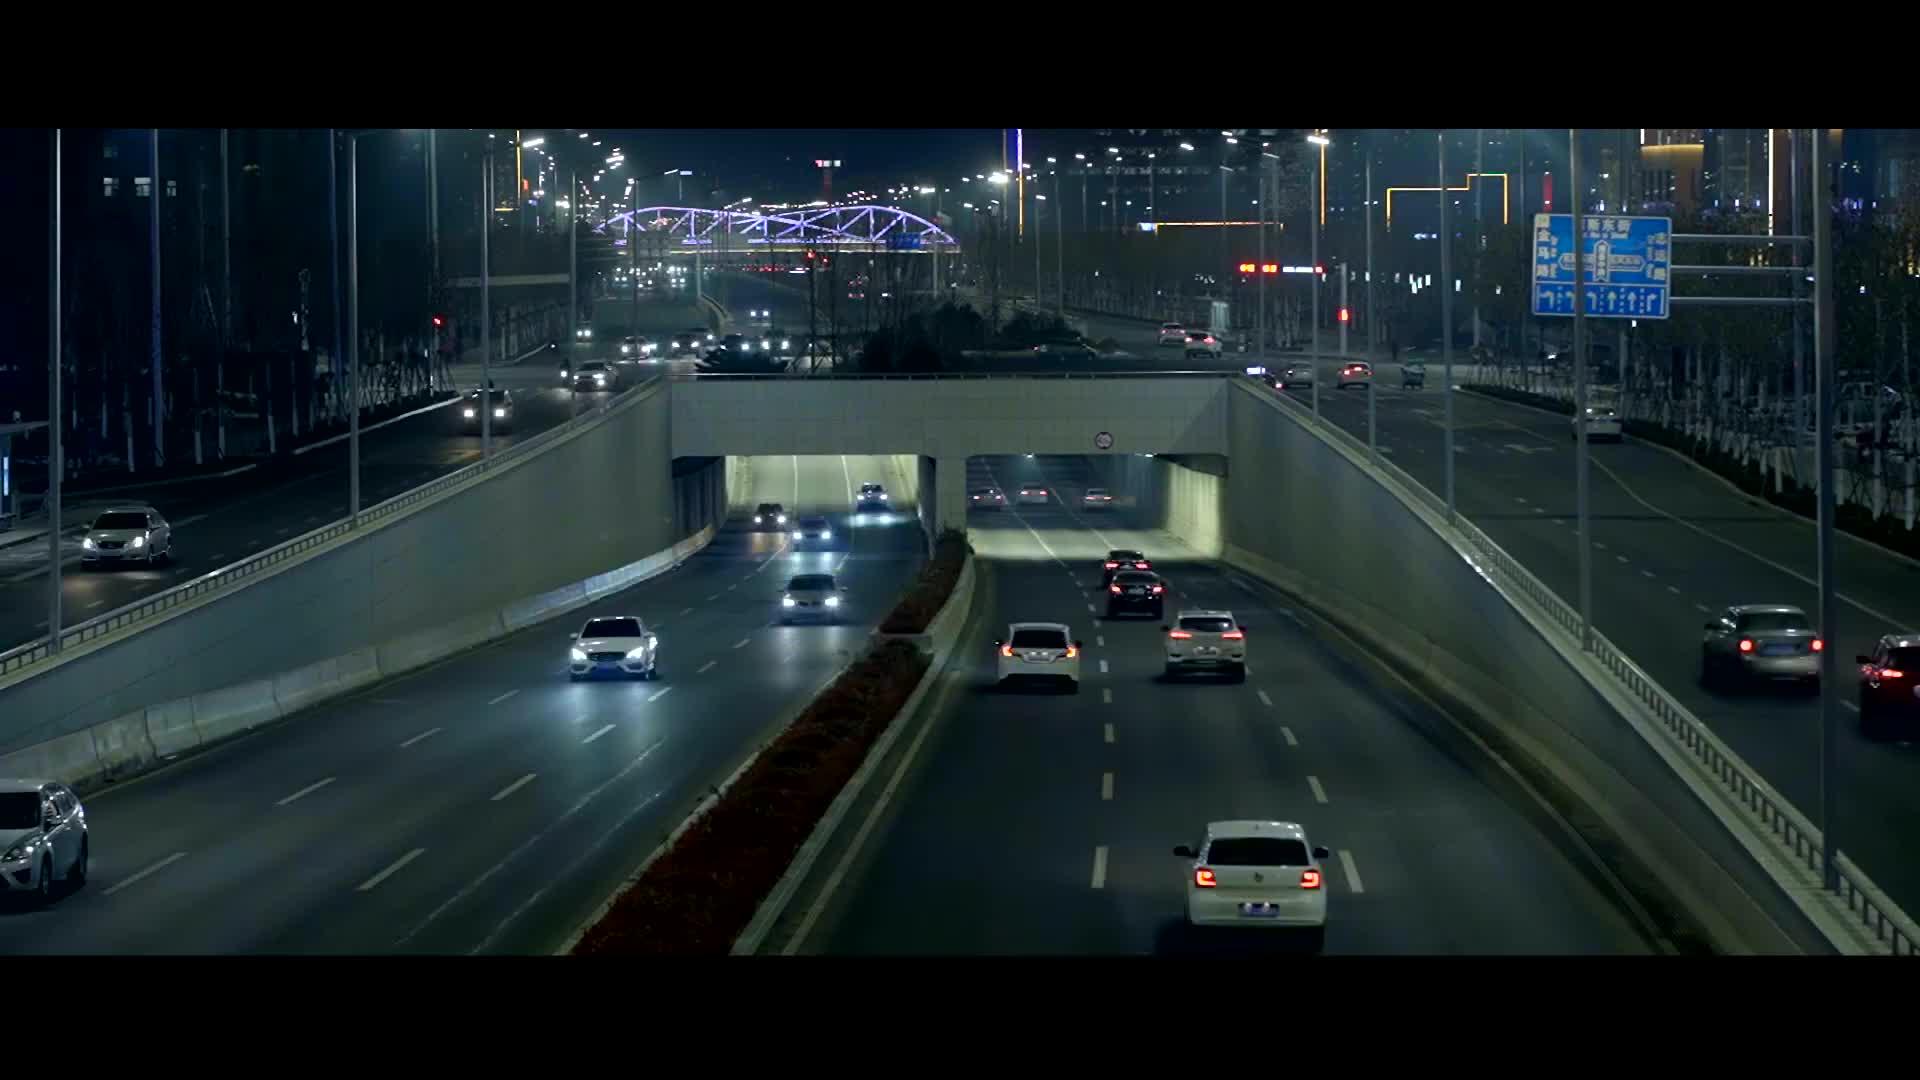 原创MV《一抹红蓝》致敬全国所有的交通警察!